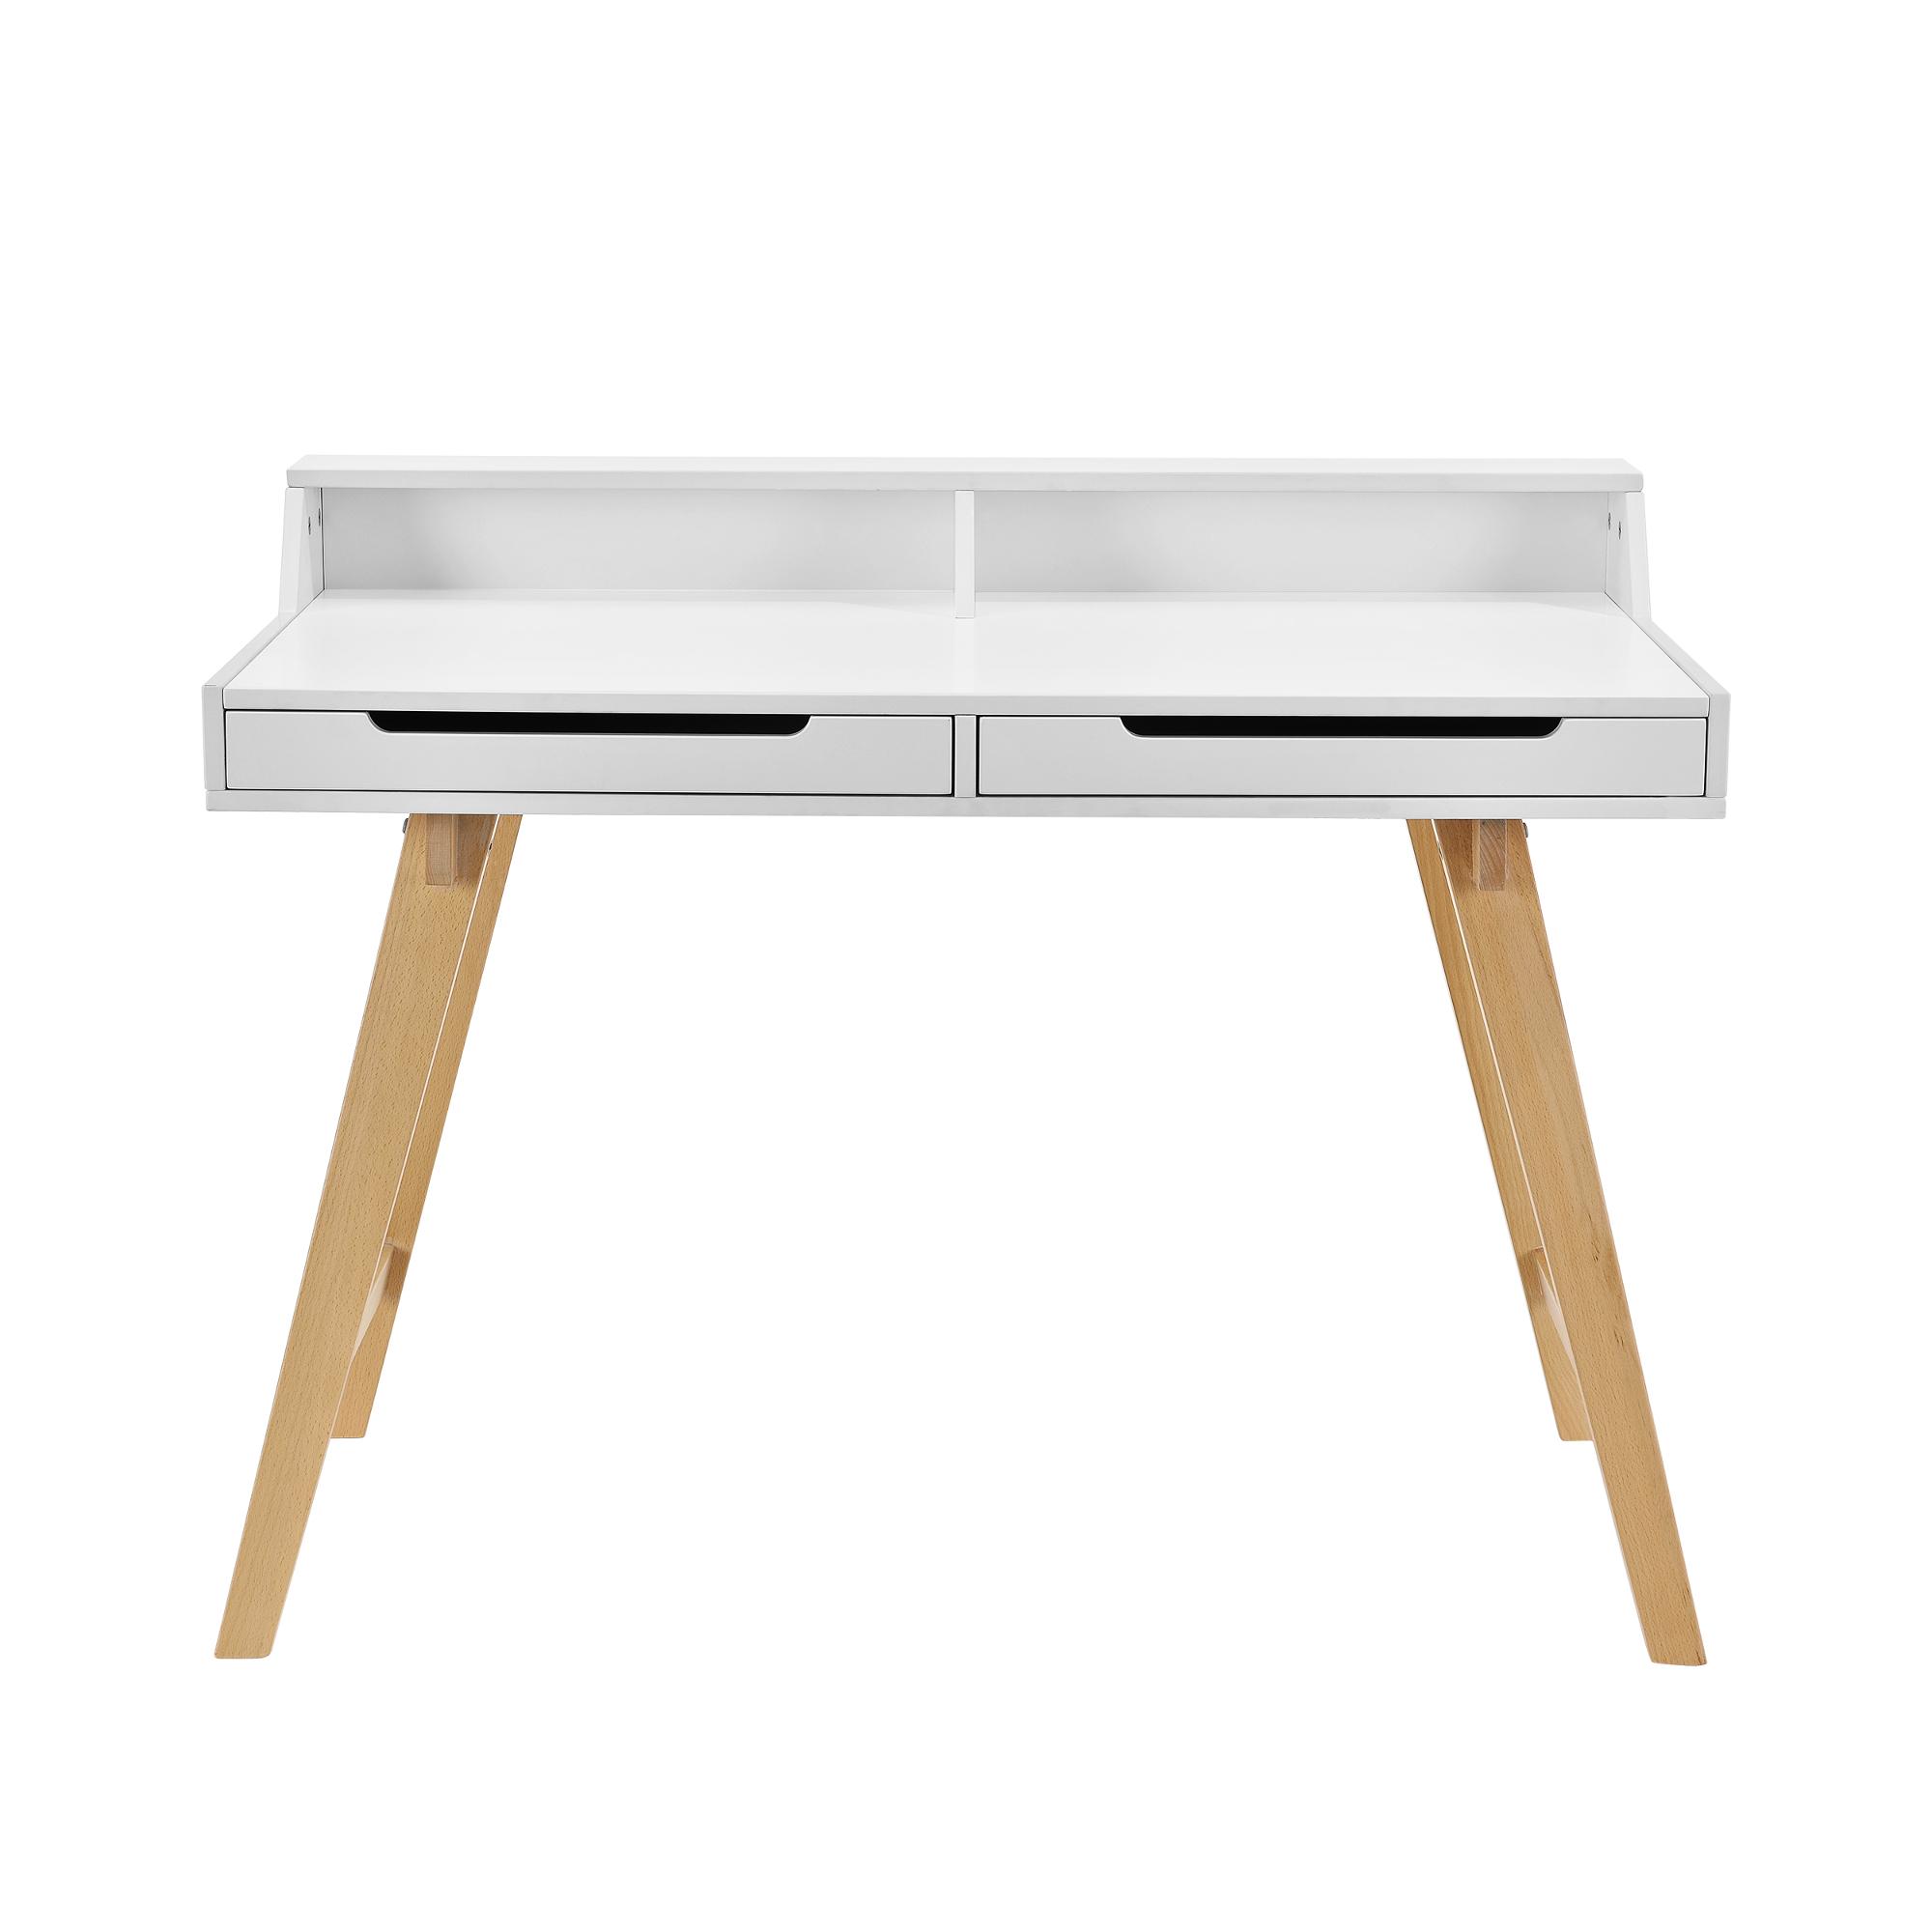 retro schreibtisch stuhl wei computertisch tisch konsole design ebay. Black Bedroom Furniture Sets. Home Design Ideas